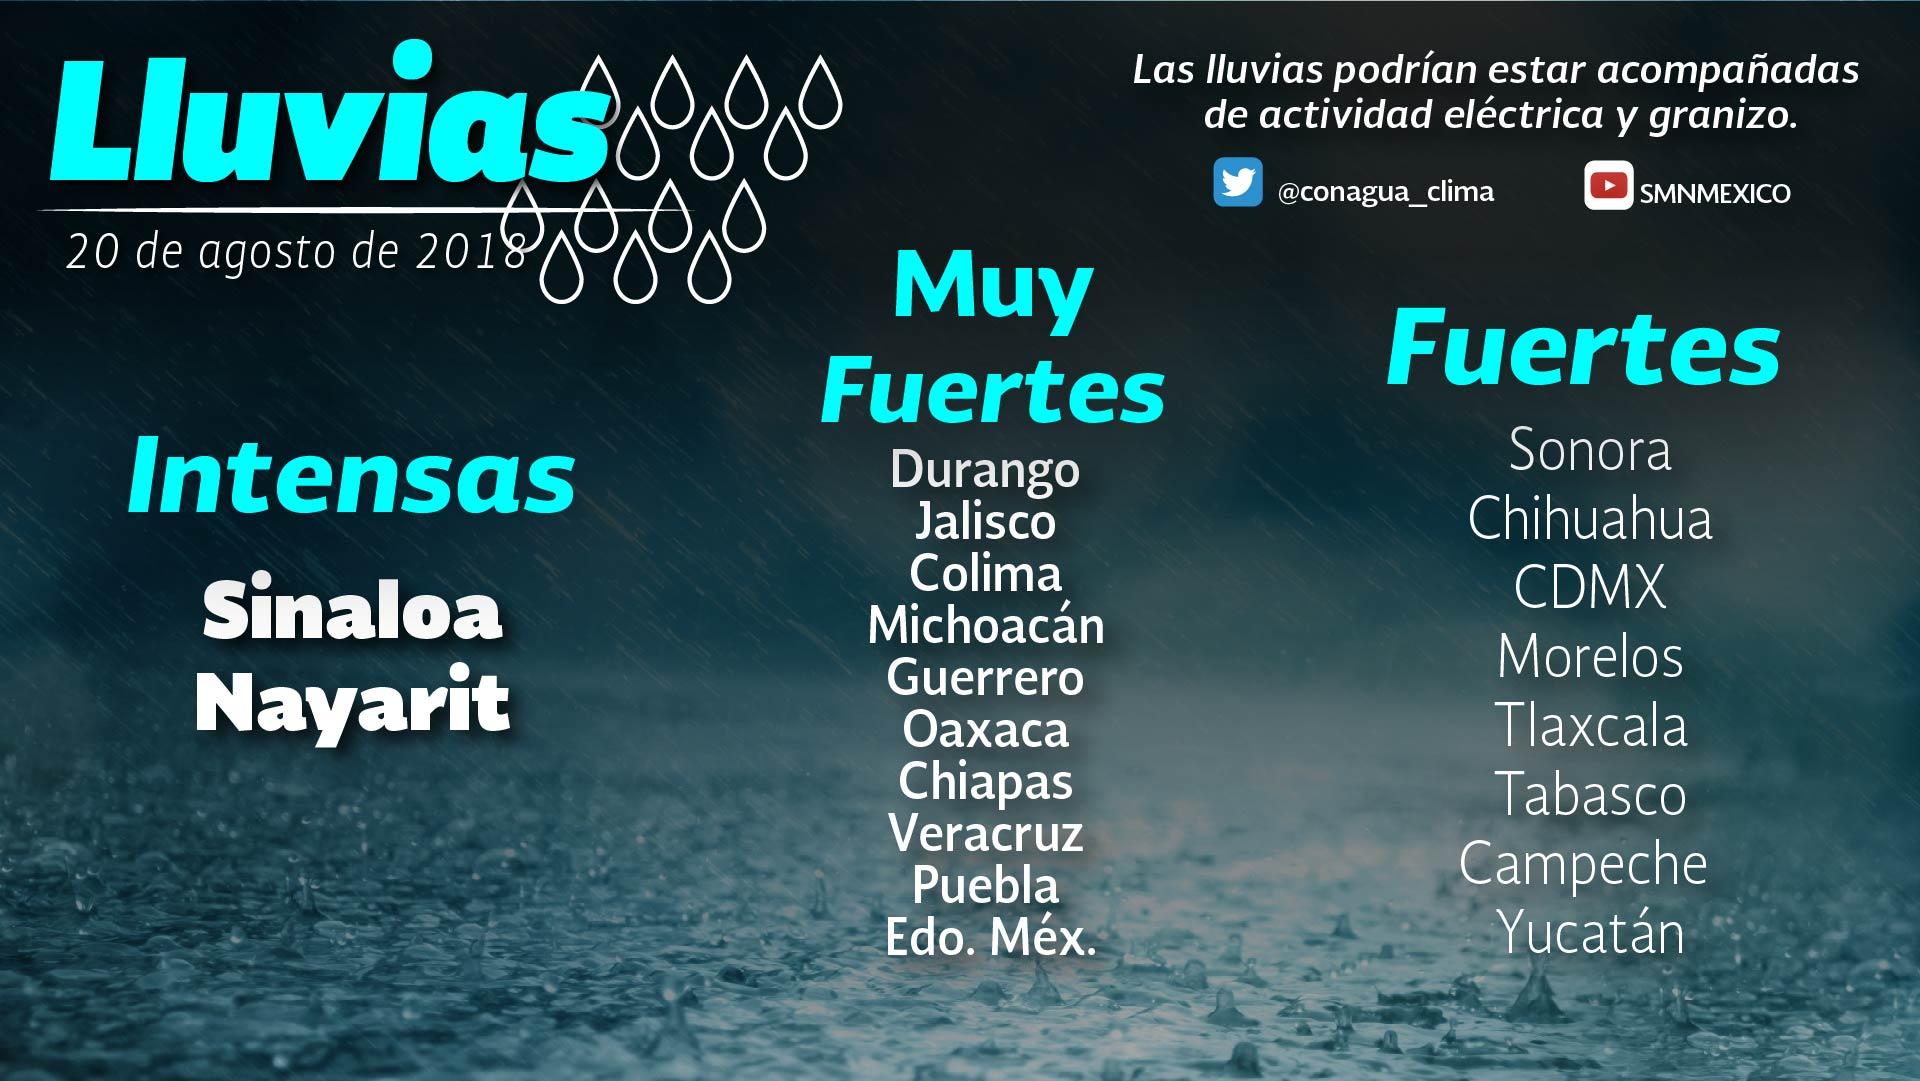 Se prevén chubascos con tormentas puntuales fuertes para Tlaxcala